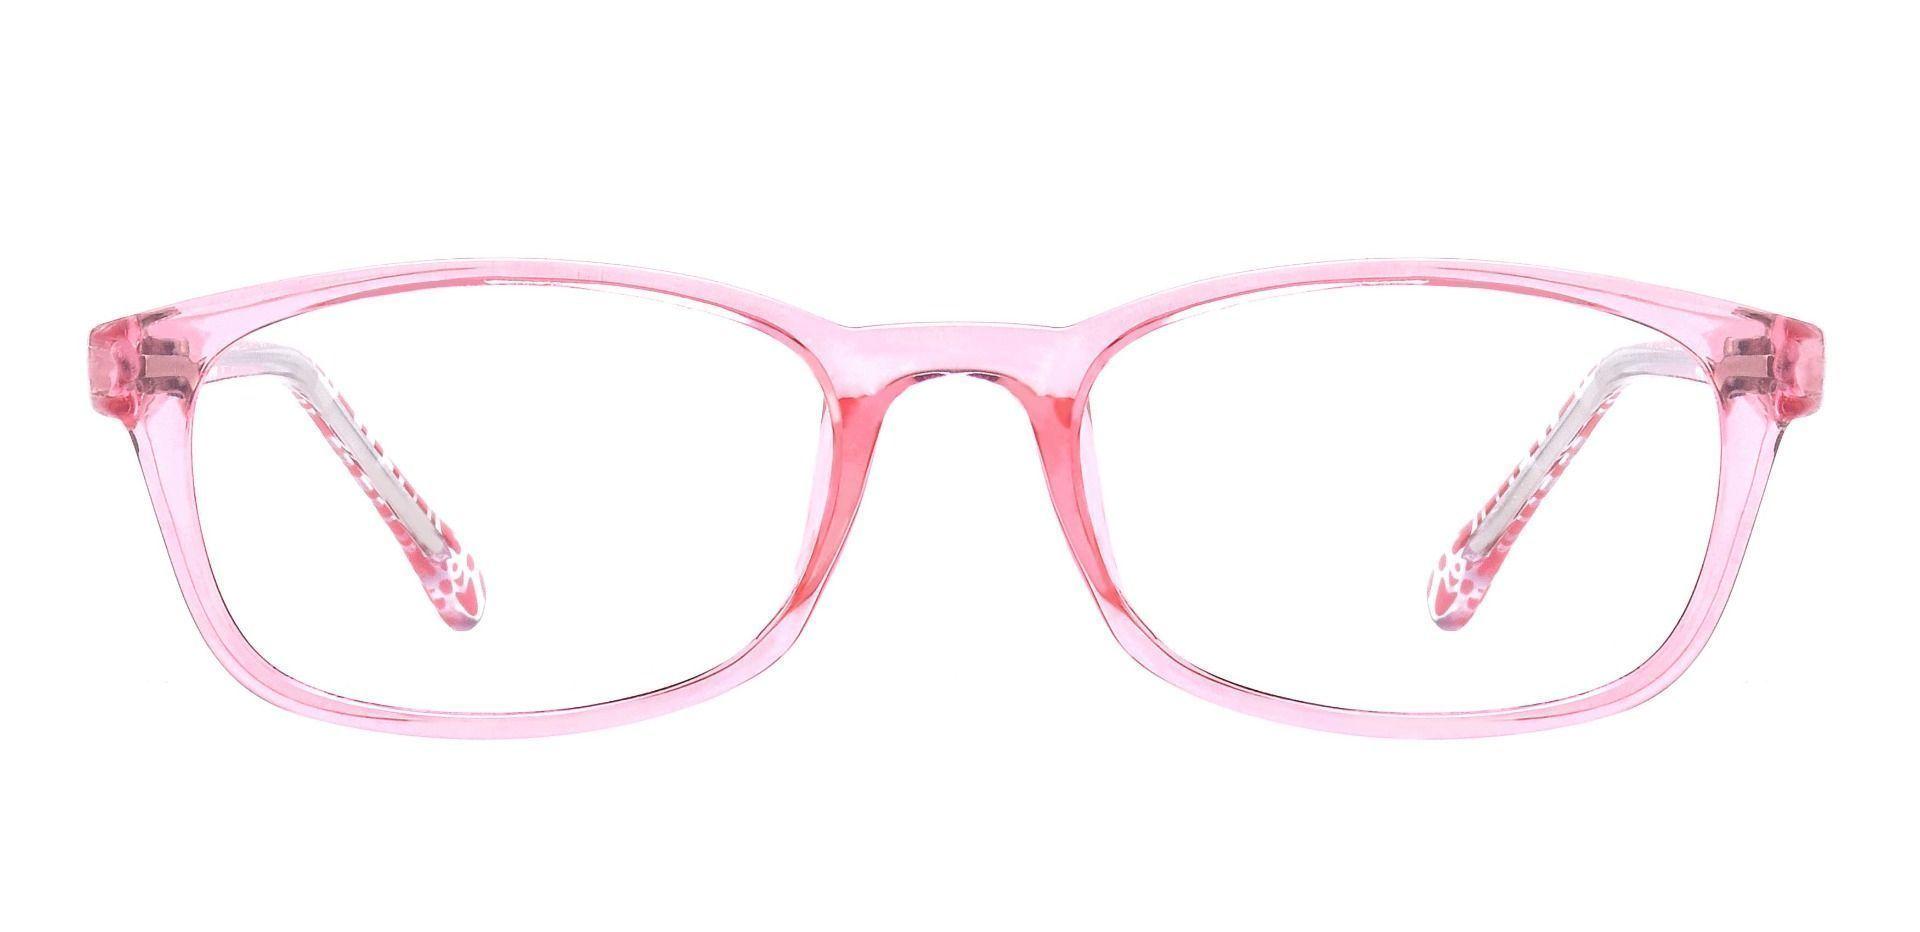 Violet Rectangle Lined Bifocal Glasses - Pink Crystal Wth Gems